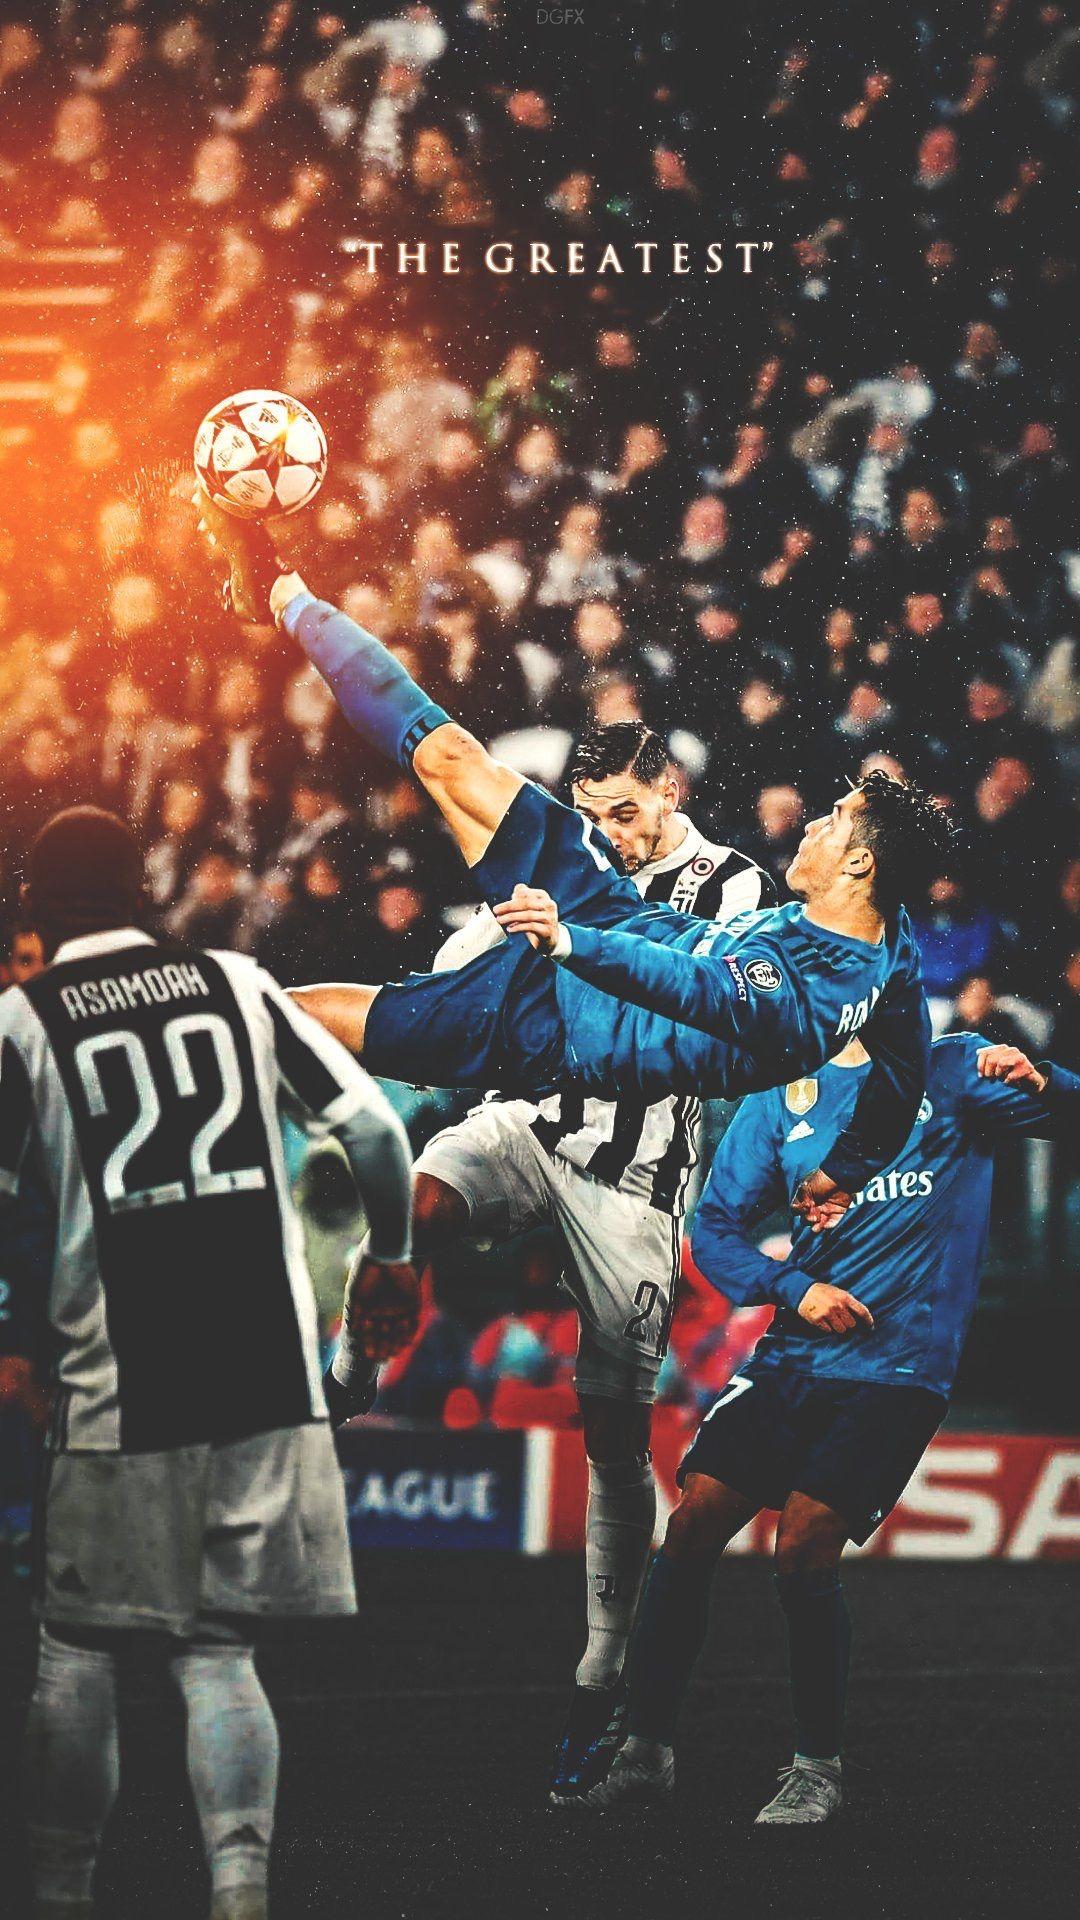 Cristiano Ronaldo Jogadores De Futebol Fotos De Jogadores De Futebol Sobre Futebol